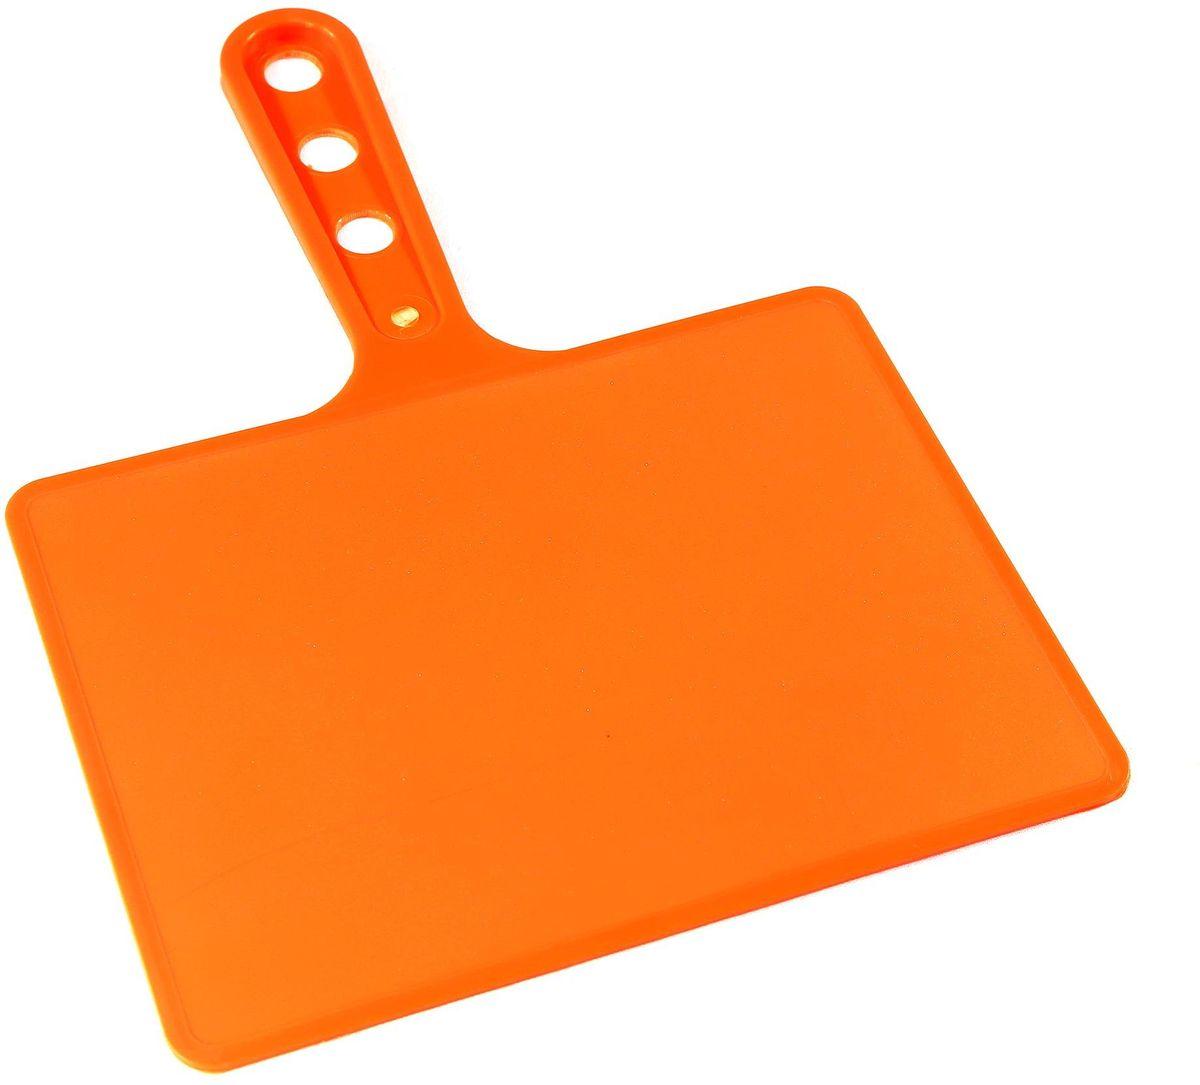 Веер для мангала BG, цвет: оранжевый. 150181150181-О, оранжевыйПредназначен для раздува углей в мангале. Изготовлен из высококачественного пластика(ПЭНД), одна сторона глянец, вторая шагрень. Ручка имеет 3 отверстия. Можно использовать как разделочную доску для мяса, нарезки овощей или хлеба. Рабочая поверхность выполнена в виде прямоугольника, размер: 197 х 148 мм.